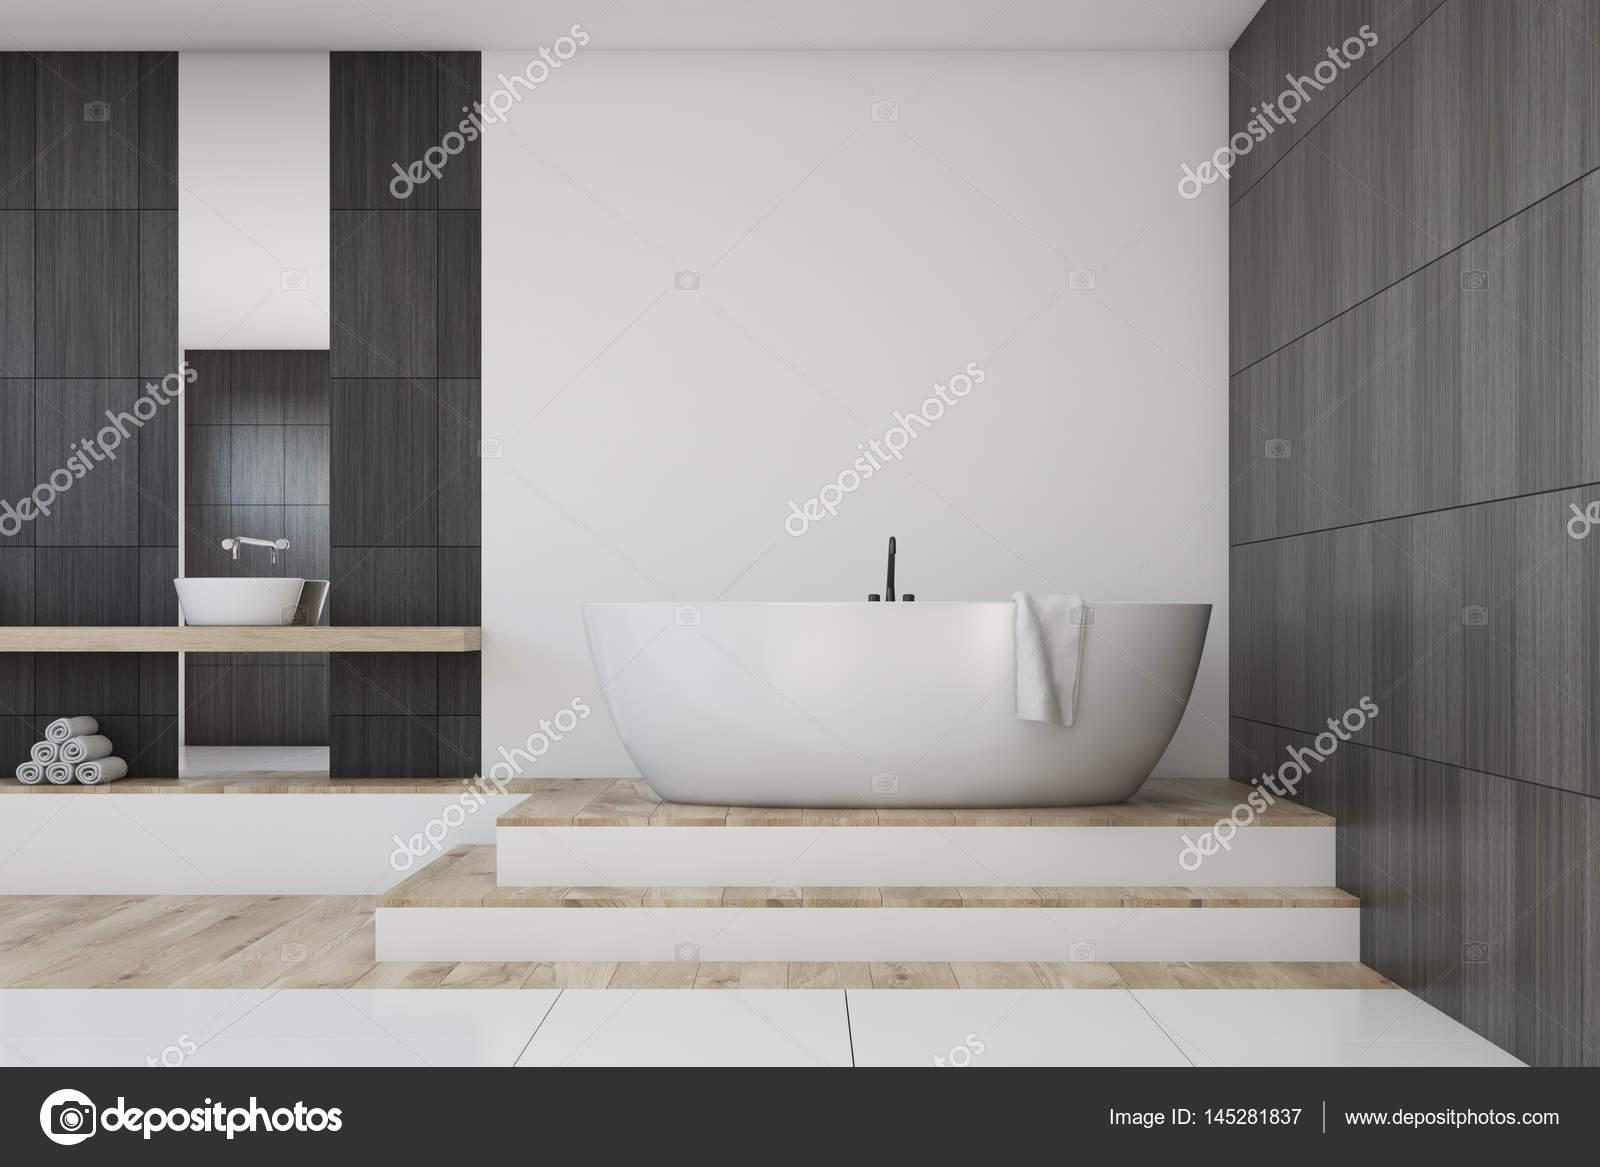 https://st3.depositphotos.com/2673929/14528/i/1600/depositphotos_145281837-stockafbeelding-badkamer-met-een-spiegel-zwart.jpg